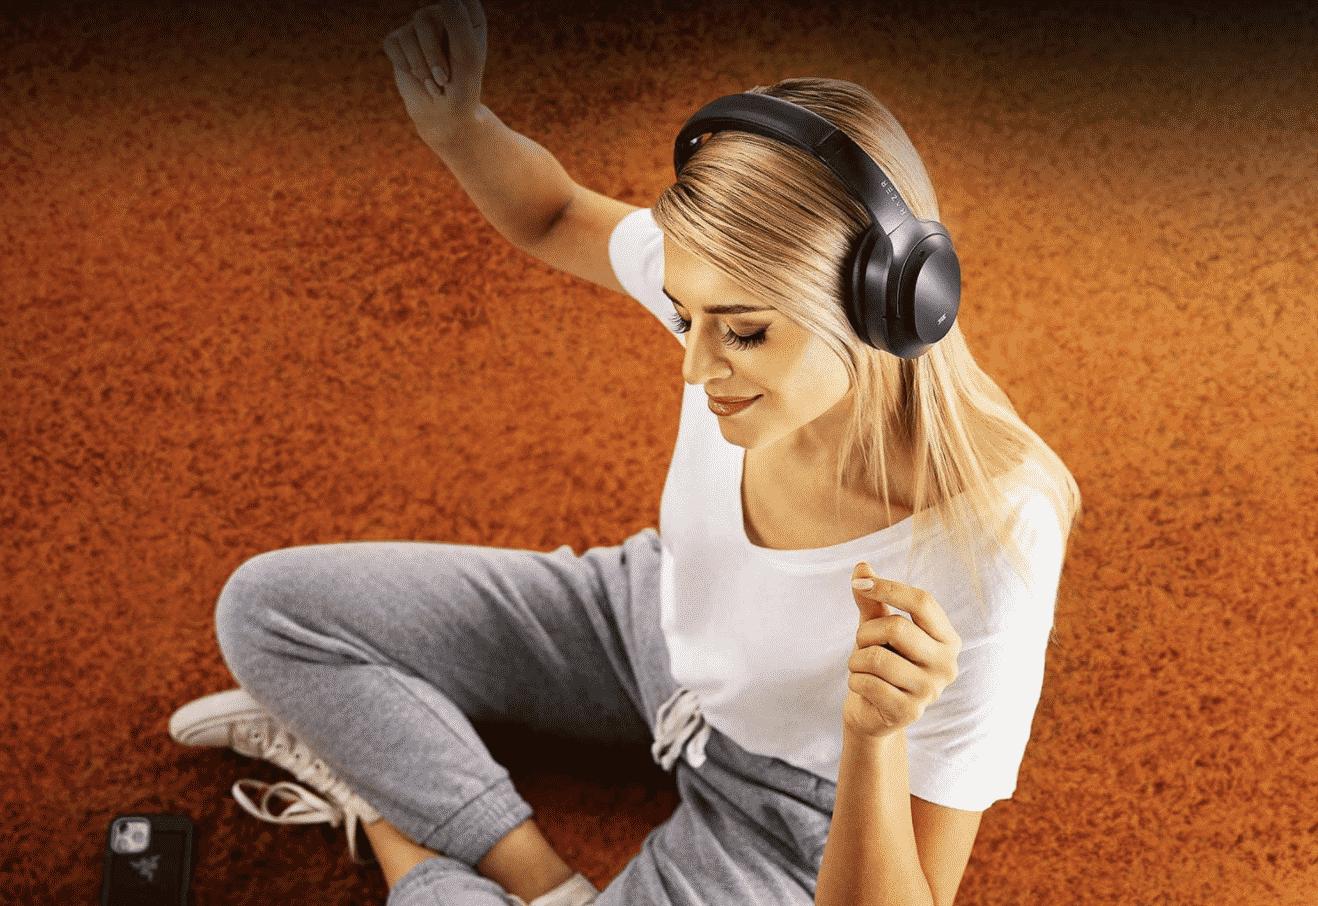 Razer Opus Active Noise Cancelling ANC Wireless Headphones